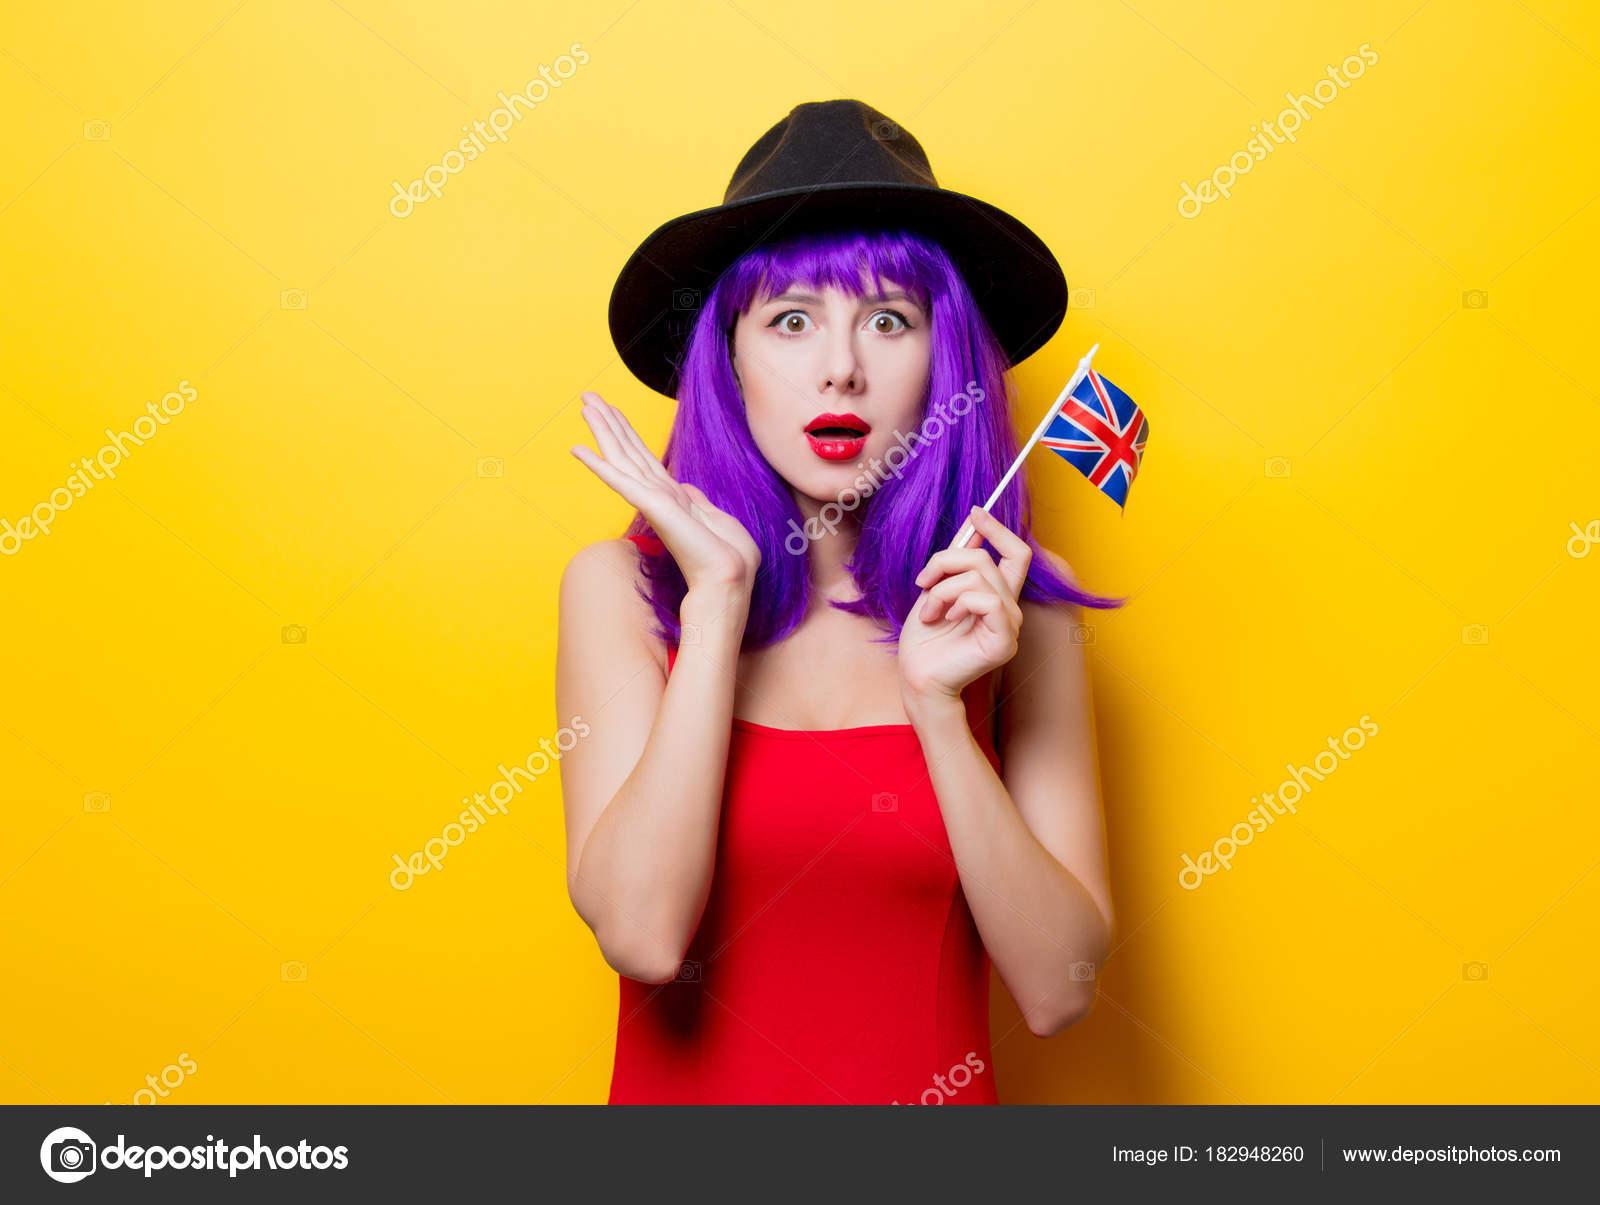 Ritratto di giovane stile hipster ragazza con taglio di capelli viola e  bandierina della Gran Bretagna in mano su priorità bassa gialla– immagine  stock 0916e35d005d